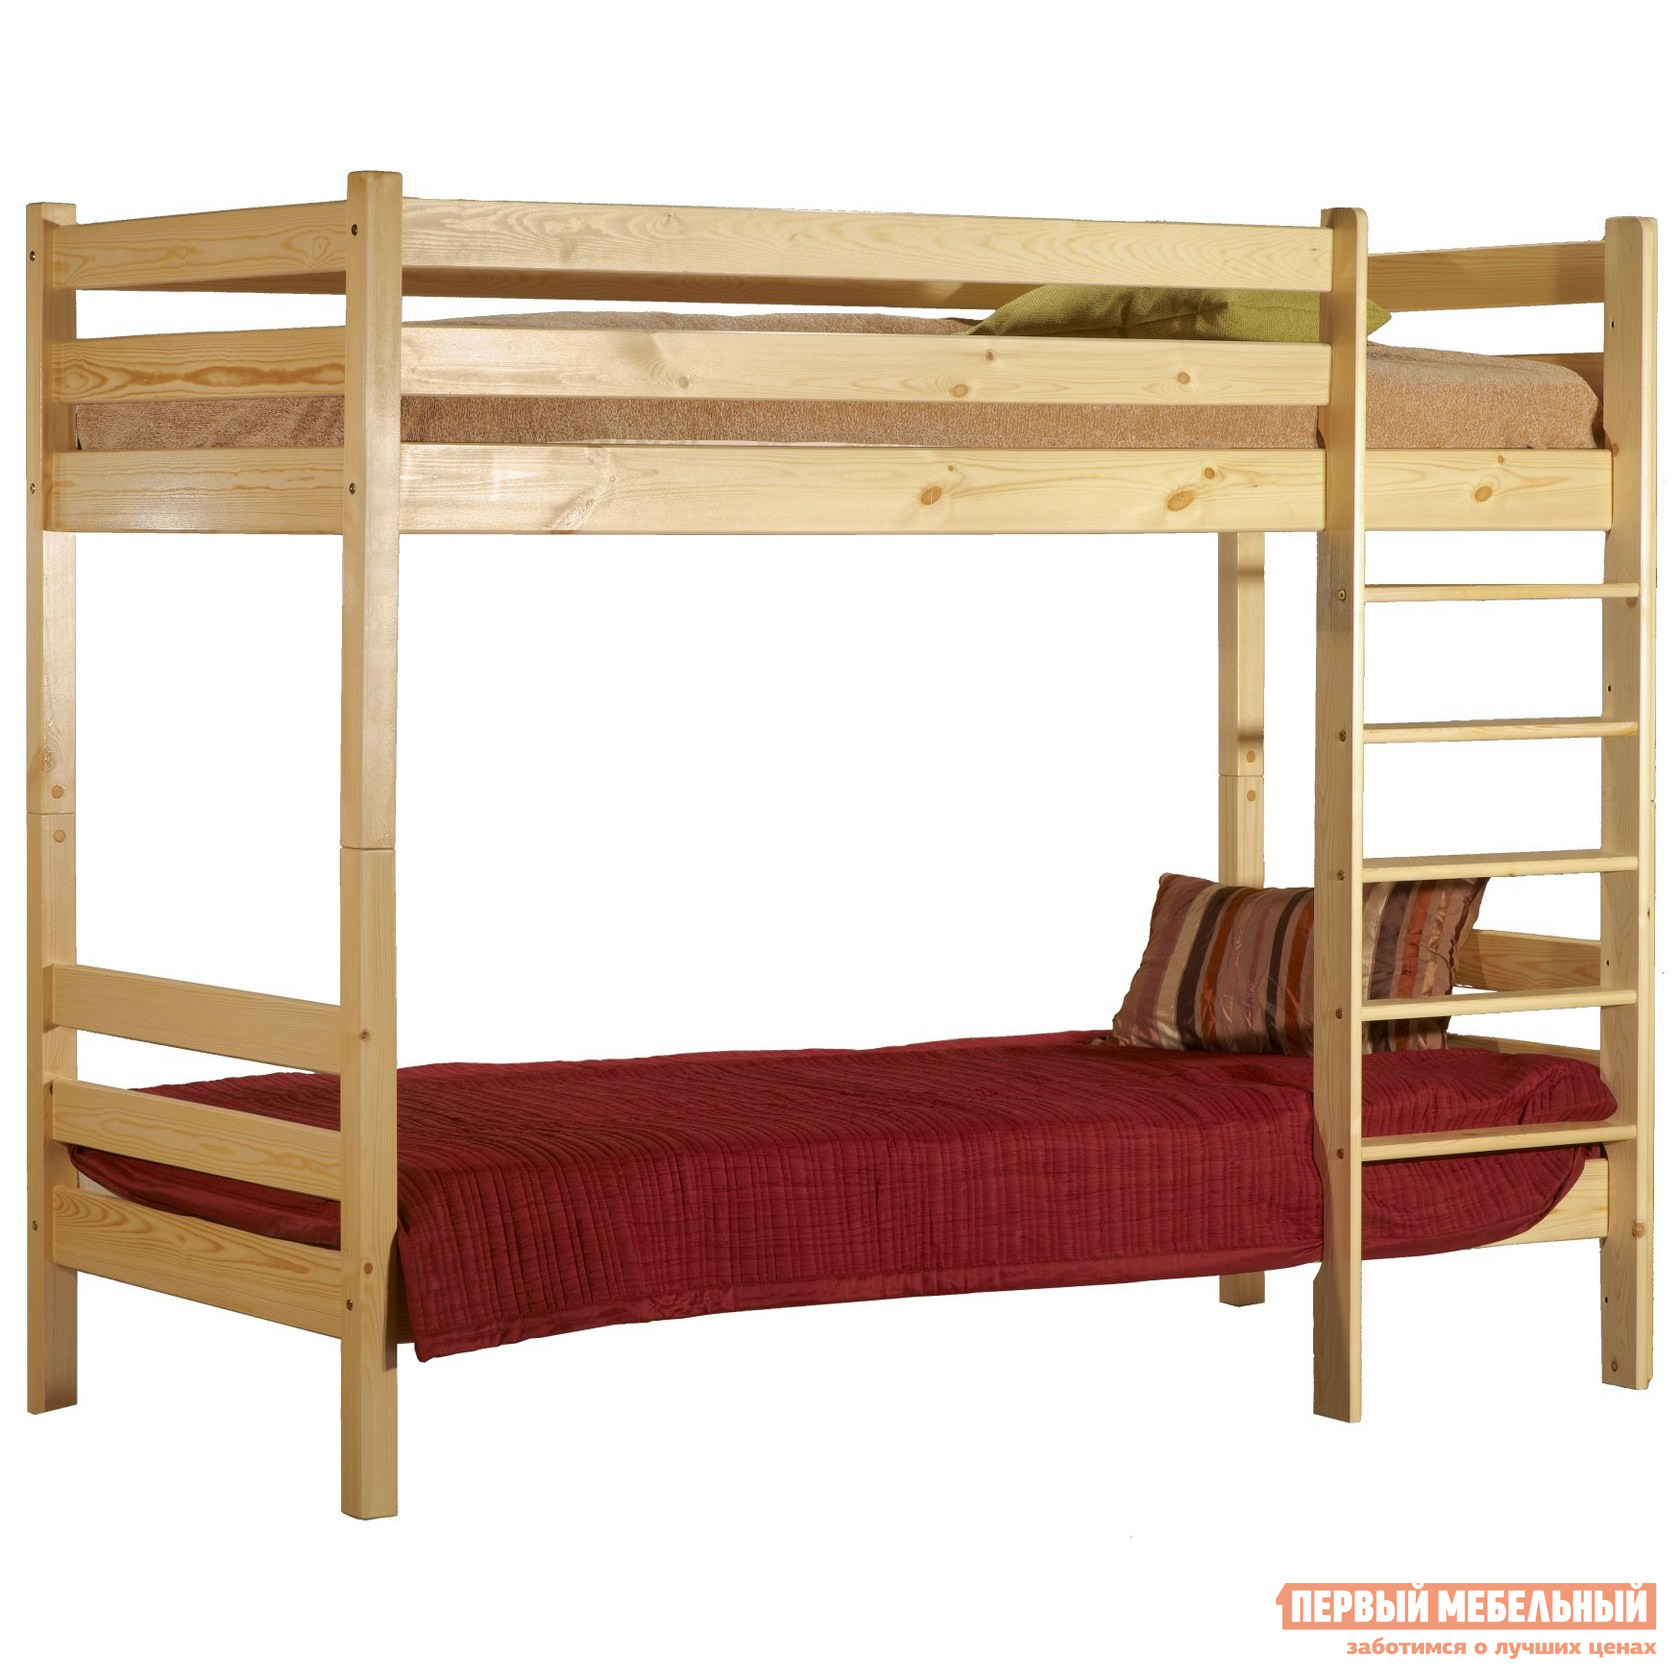 Двухъярусная кровать Timberica Кровать 2-ярусная Классик кровать полуторка timberica эрика